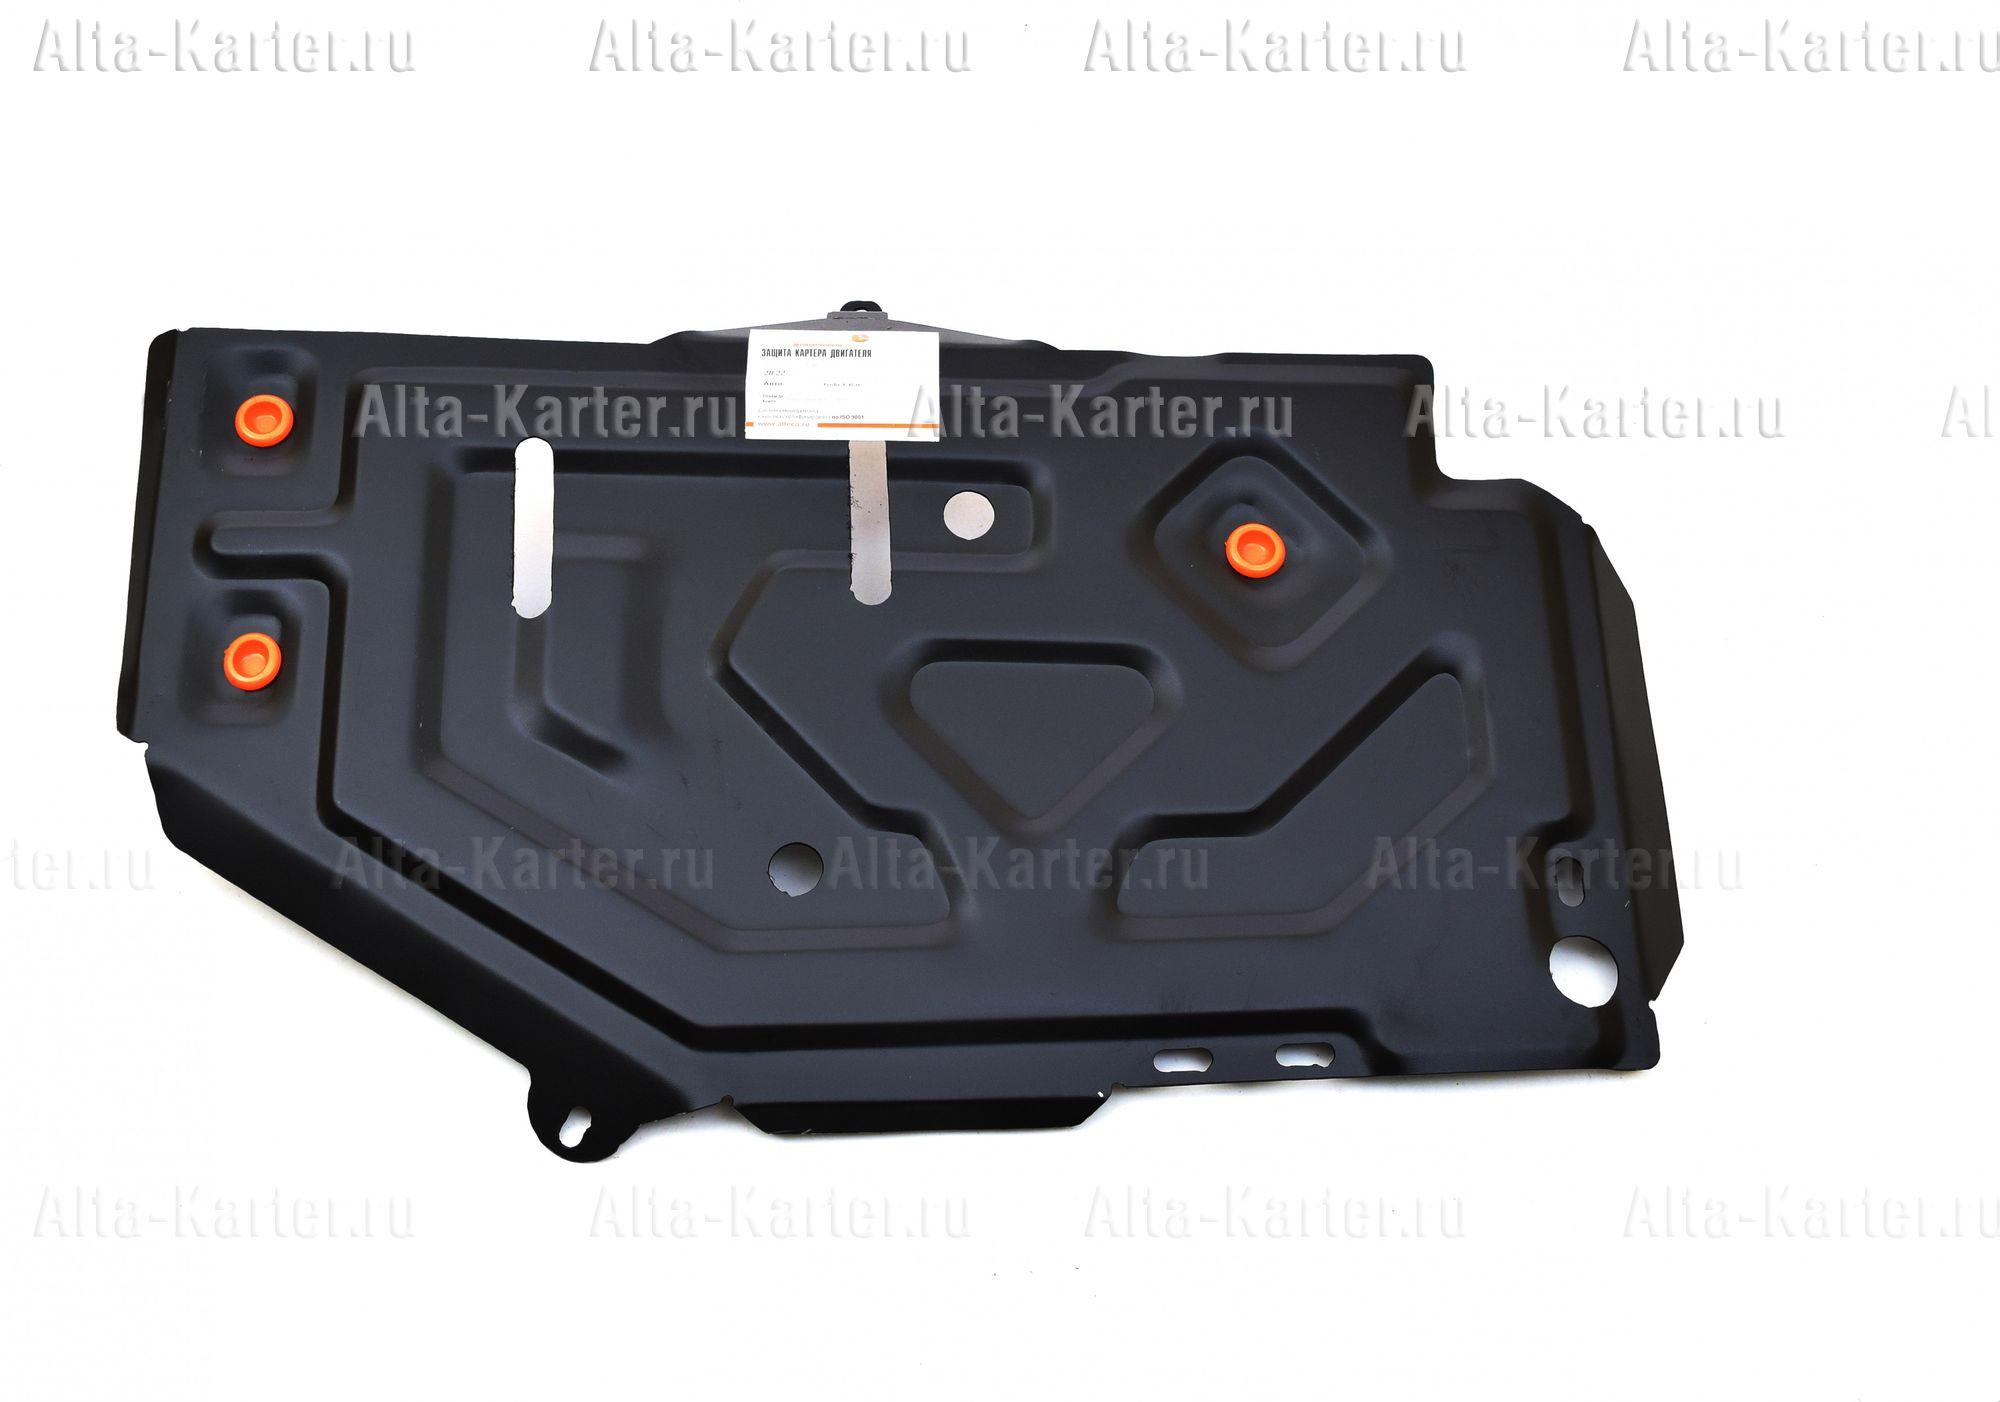 Защита Alfeco для топливного бака Nissan Terrano 2WD 2014-2021. Артикул ALF.28.22